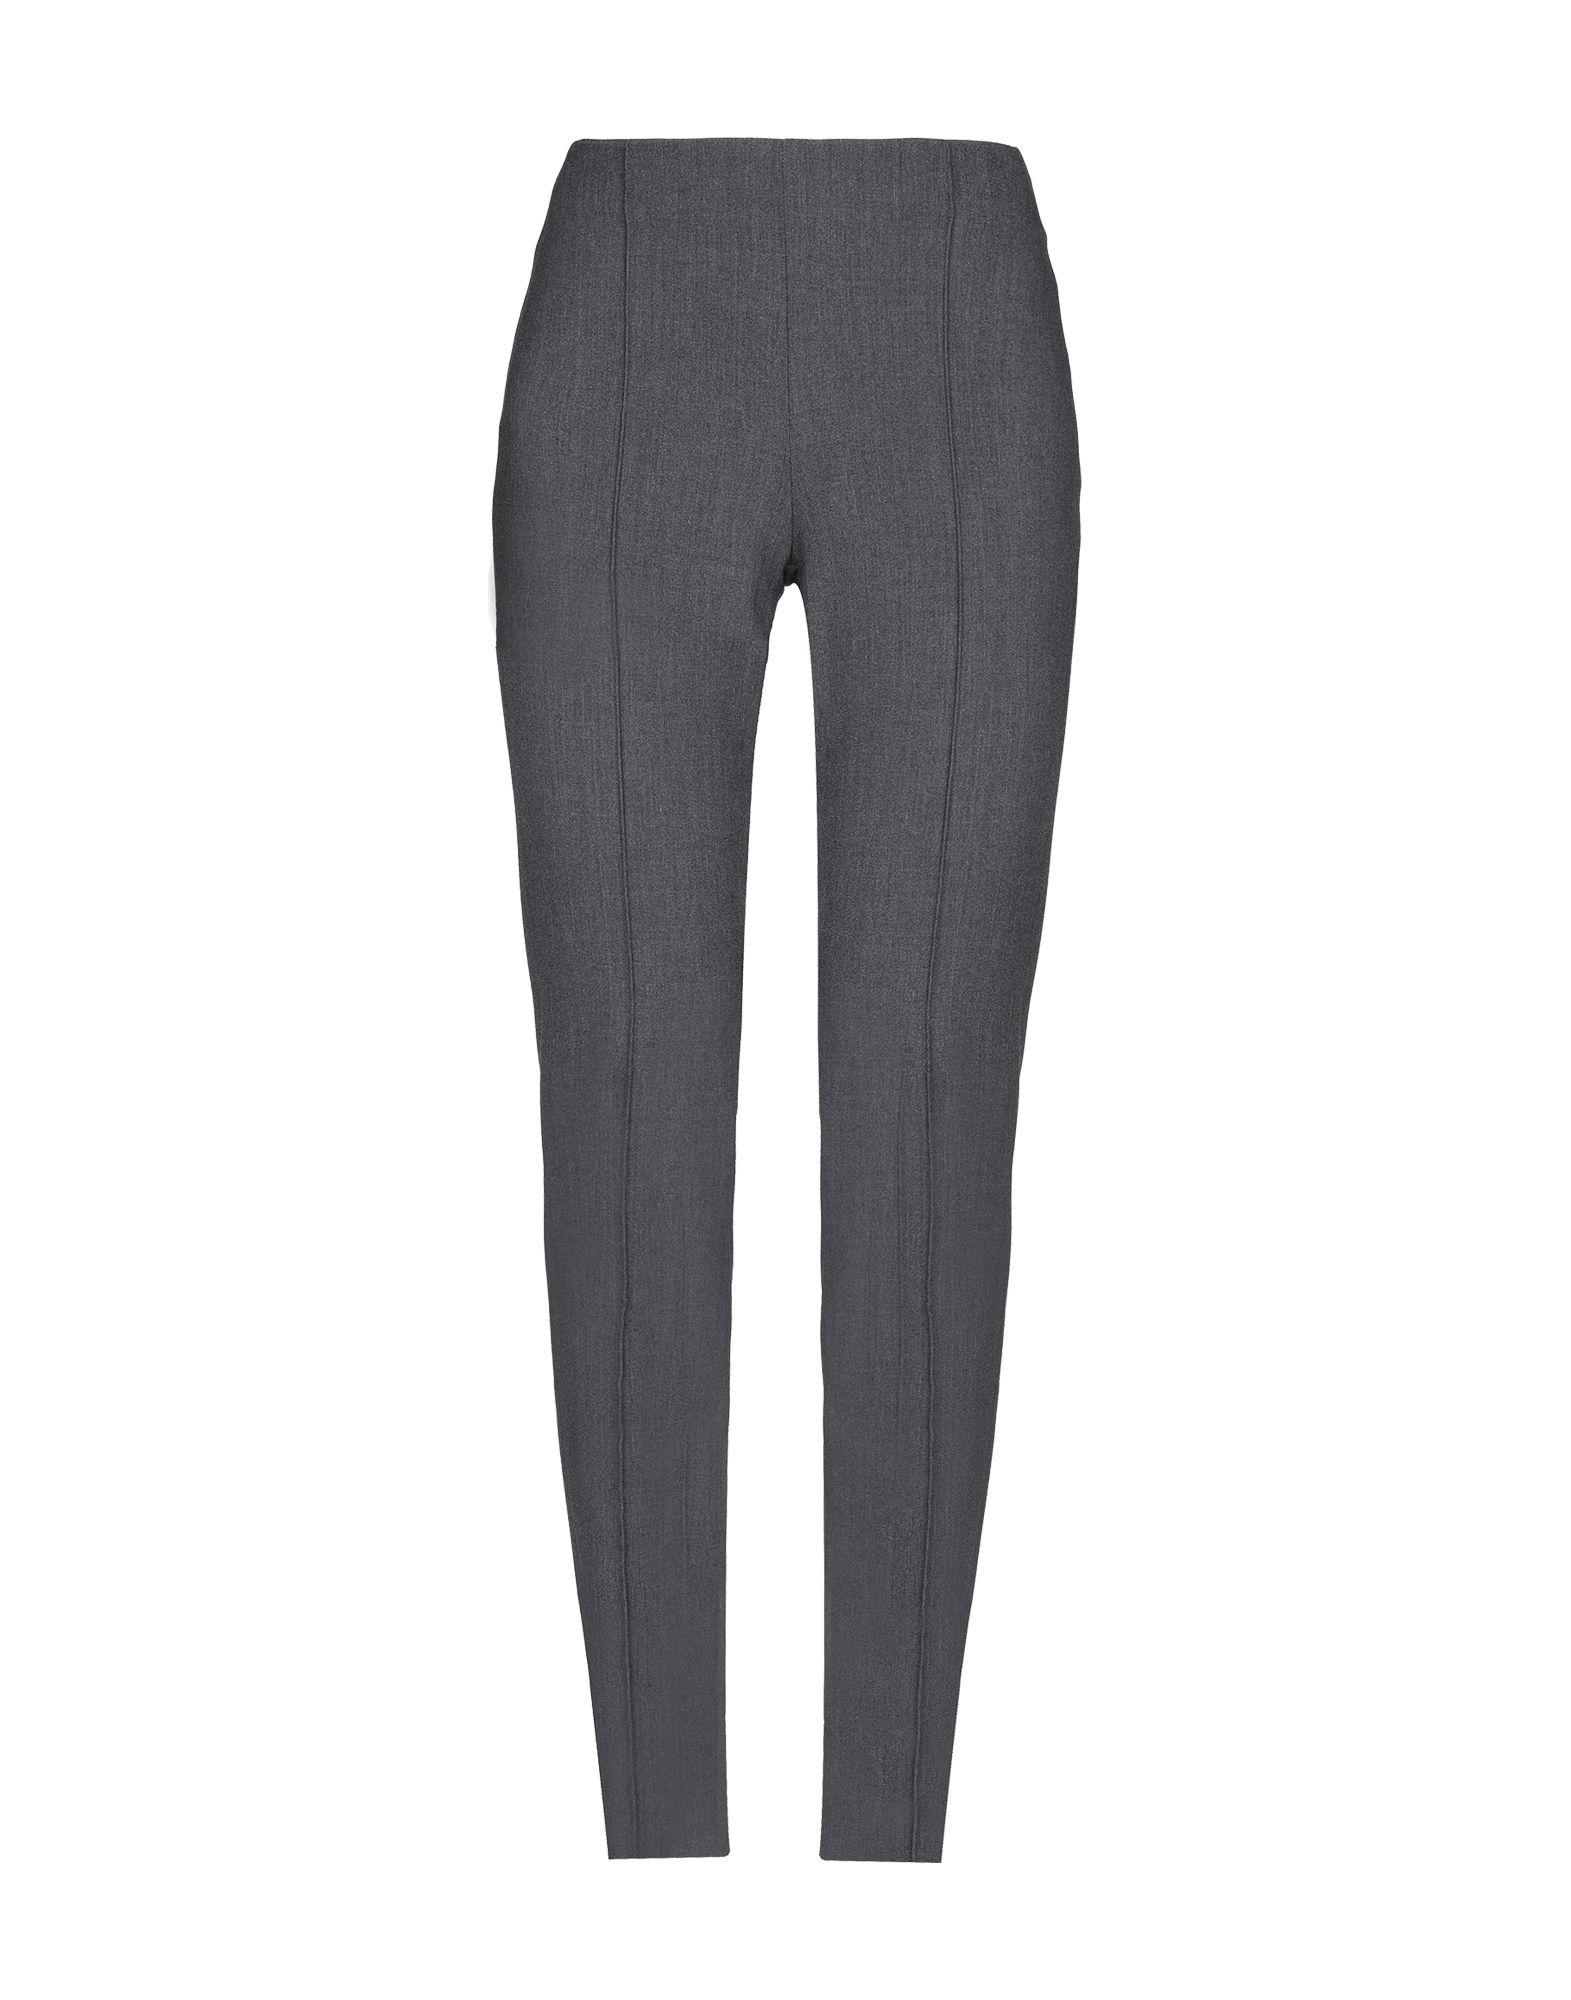 PIERRE MANTOUX | PIERRE MANTOUX Casual pants 13212174 | Goxip